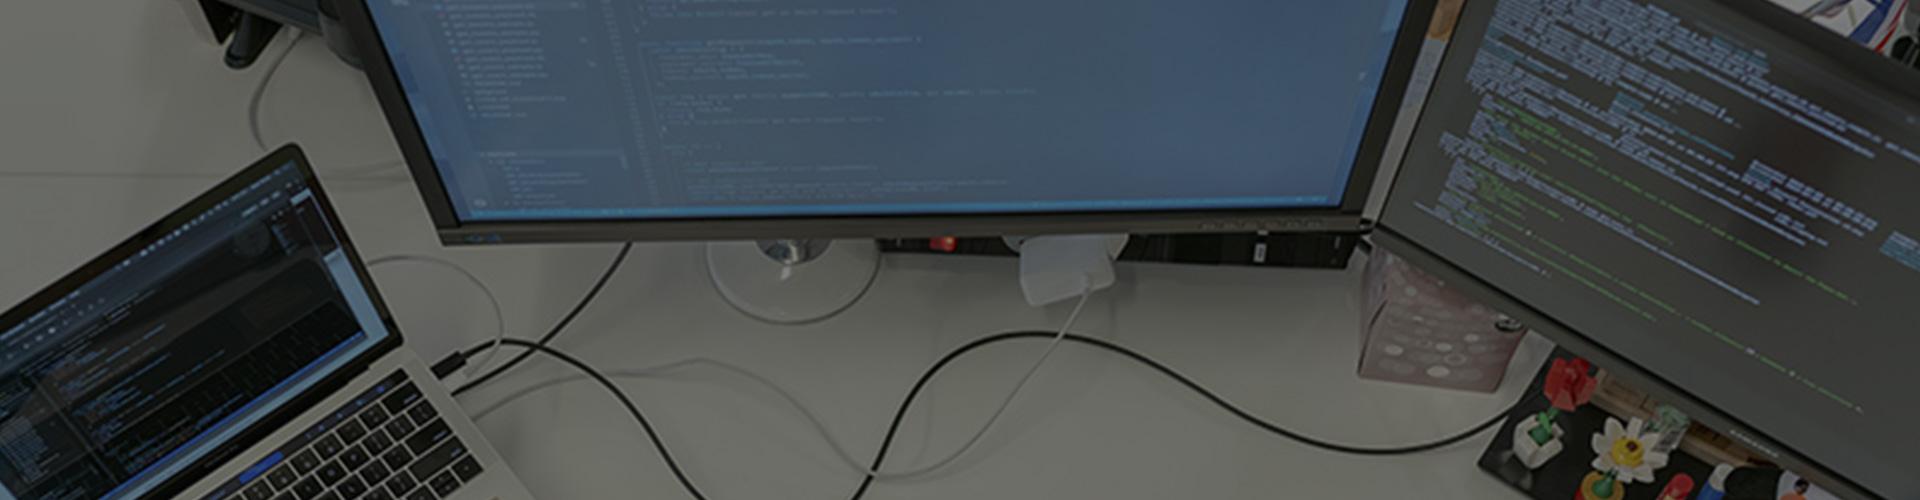 Software RMA Carpi